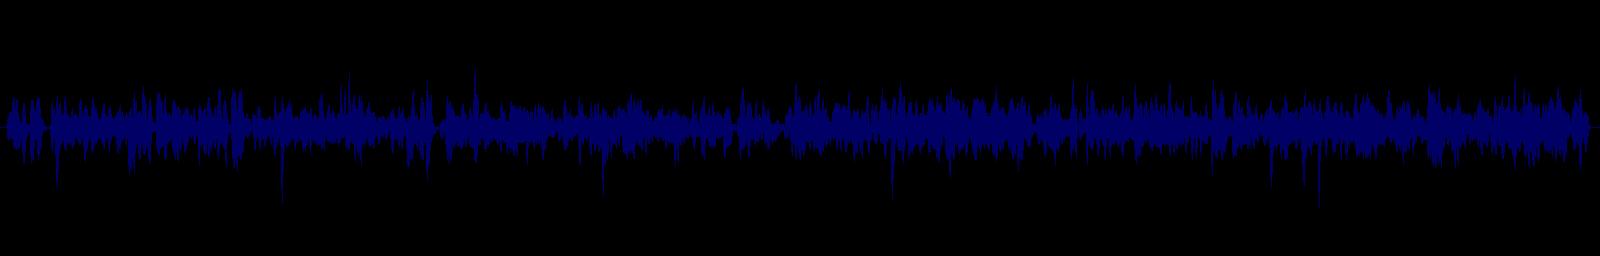 waveform of track #159105